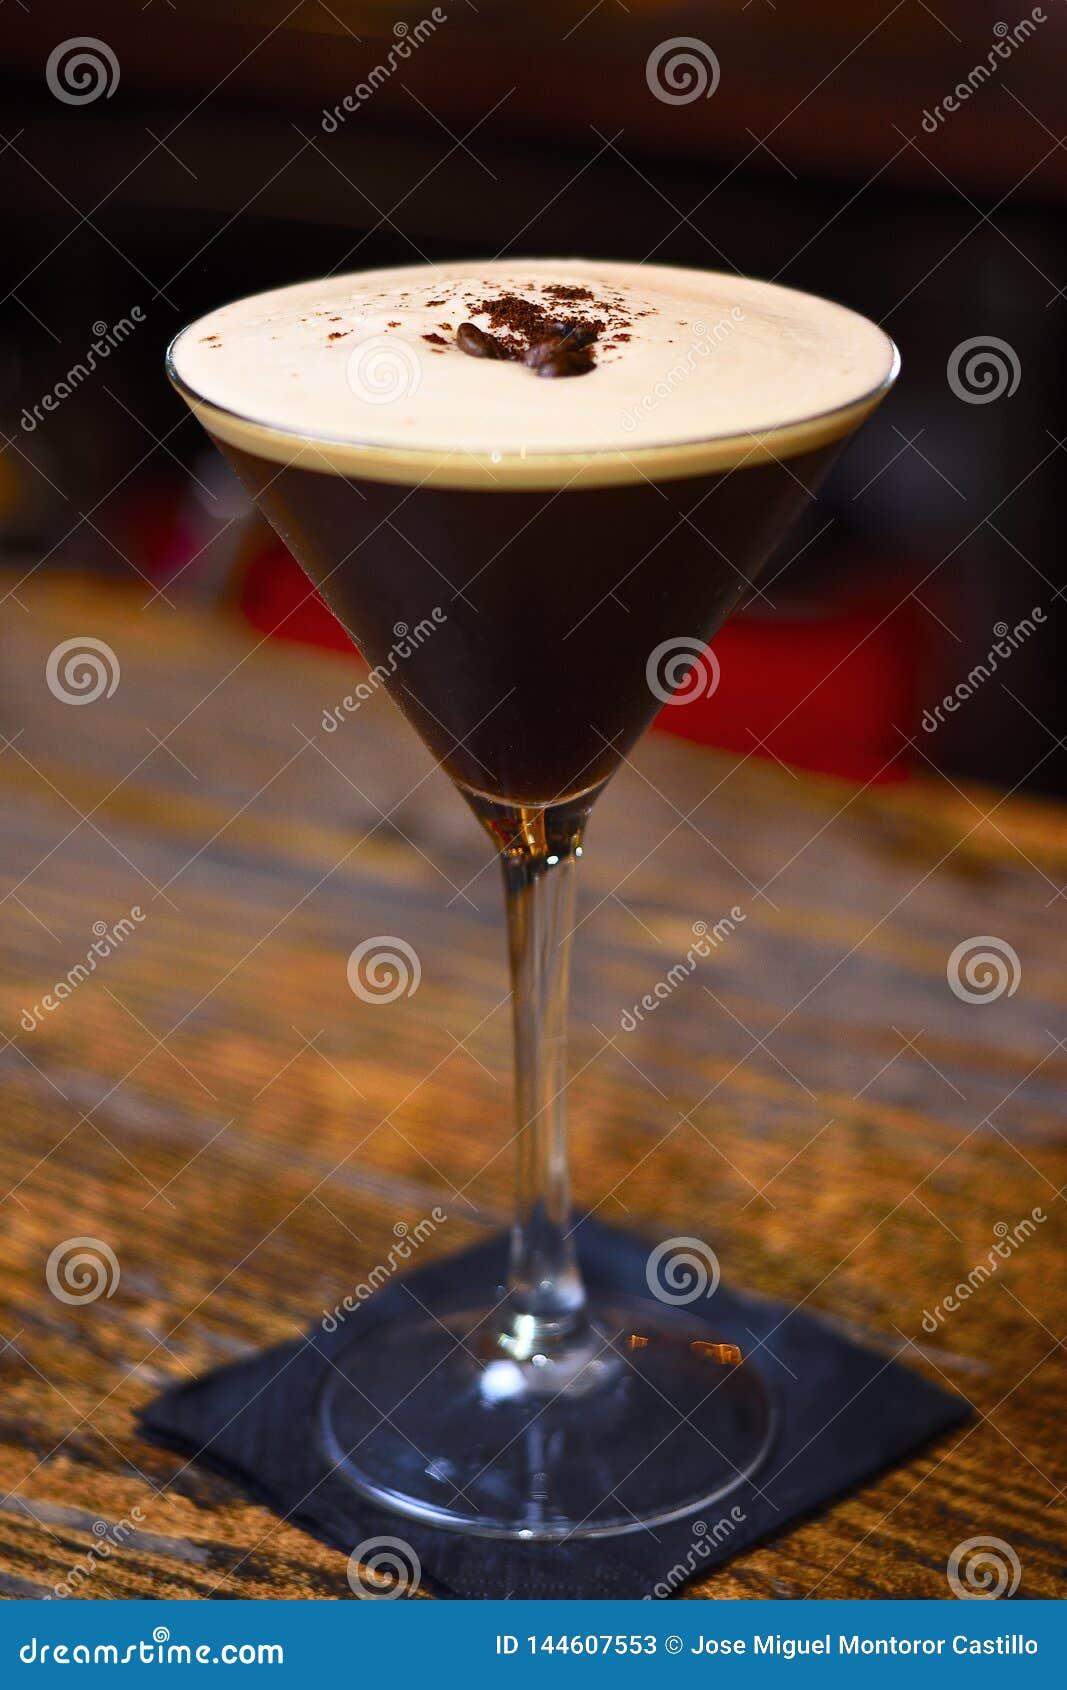 浓咖啡马蒂尼鸡尾酒鸡尾酒用在酒吧的咖啡粒